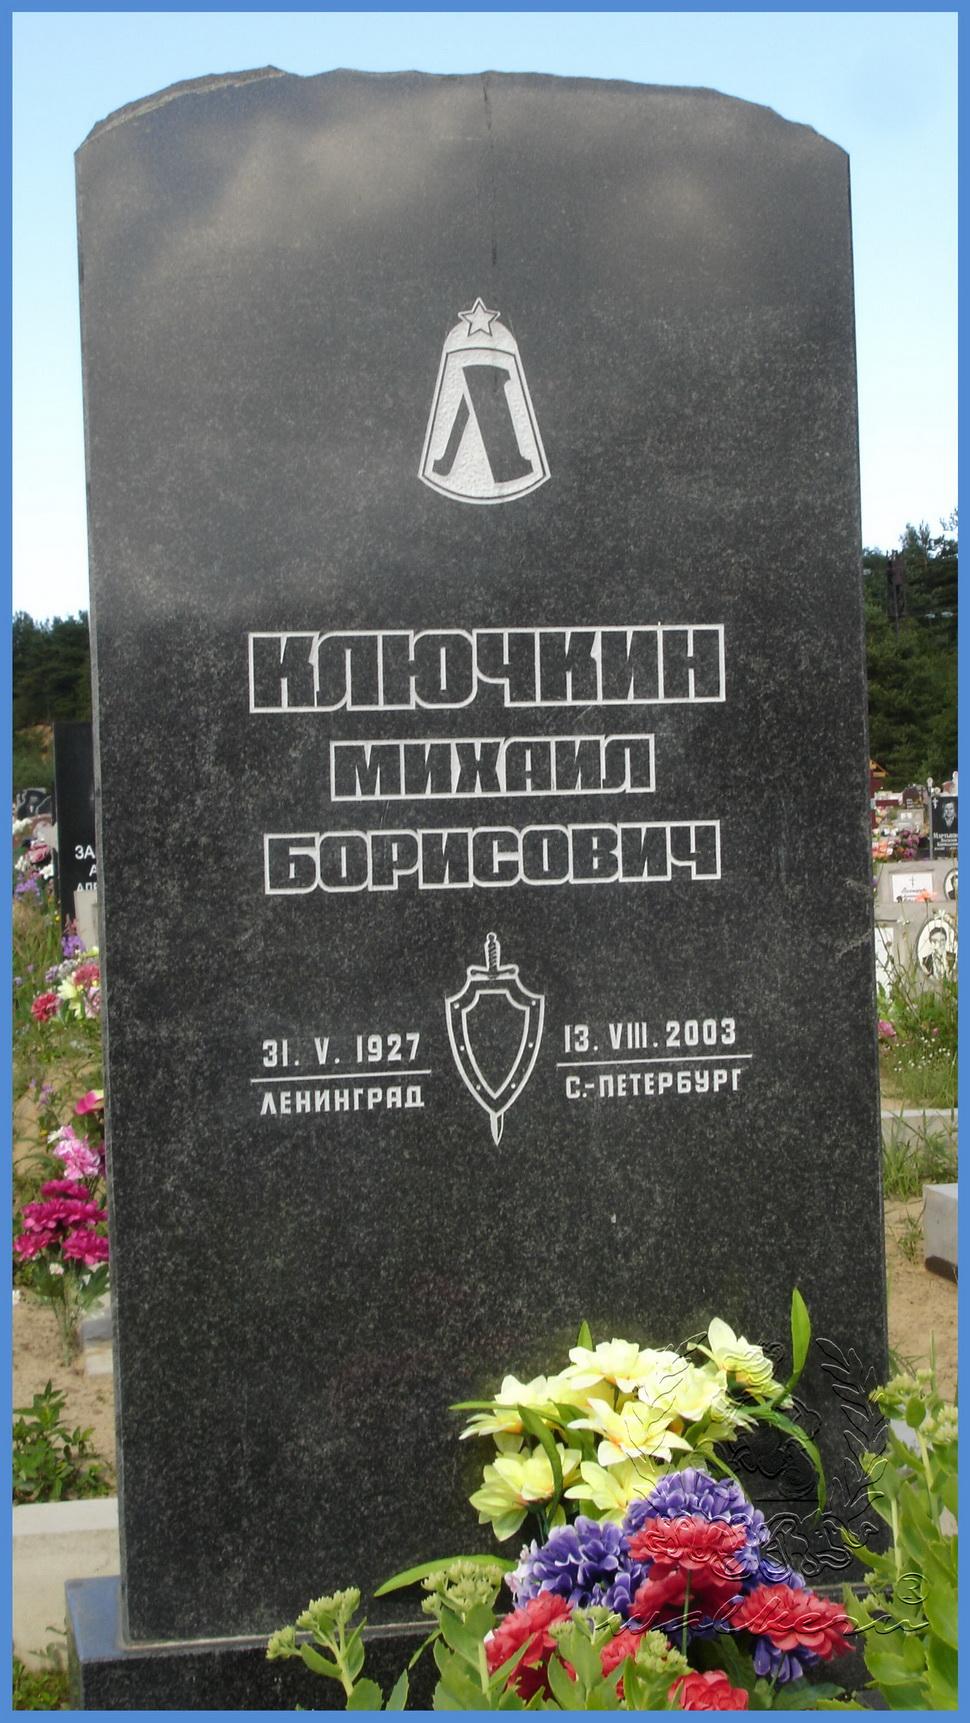 Ключкин Михаил Борисович